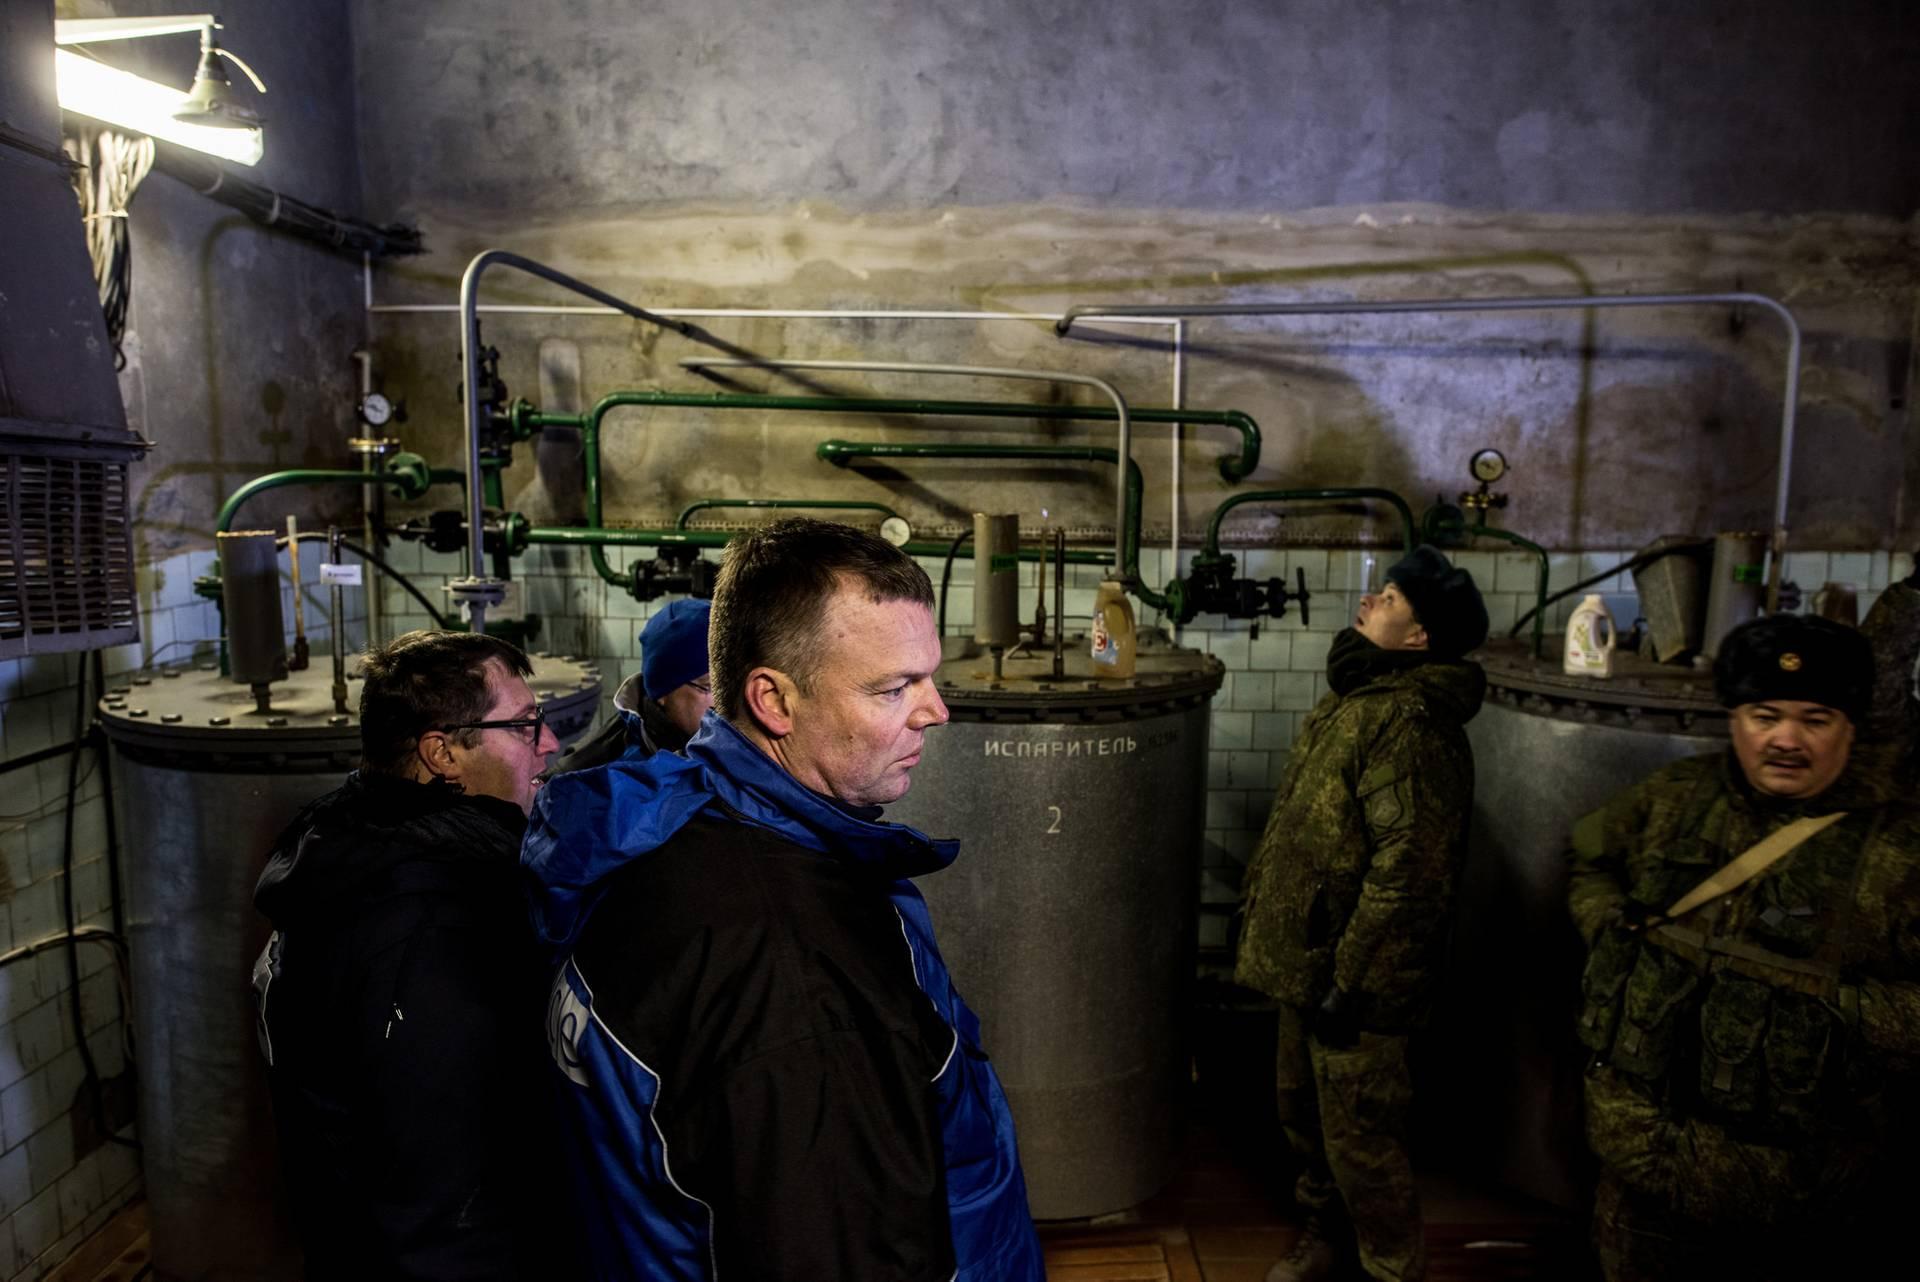 Александр Хуг (в цнетрі) на Донецькій фільтрувальній станції. Підприємство розташоване між Авдіївкою та Ясинуватою та постачає воду для близько 400 000 людей у цьому районі. Через обстріли робота станції часто переривається, що спричиняє брак води в Авдіївці, Ясинуватій та окремих районах окупованого Донецька, 13 грудня 2016 року